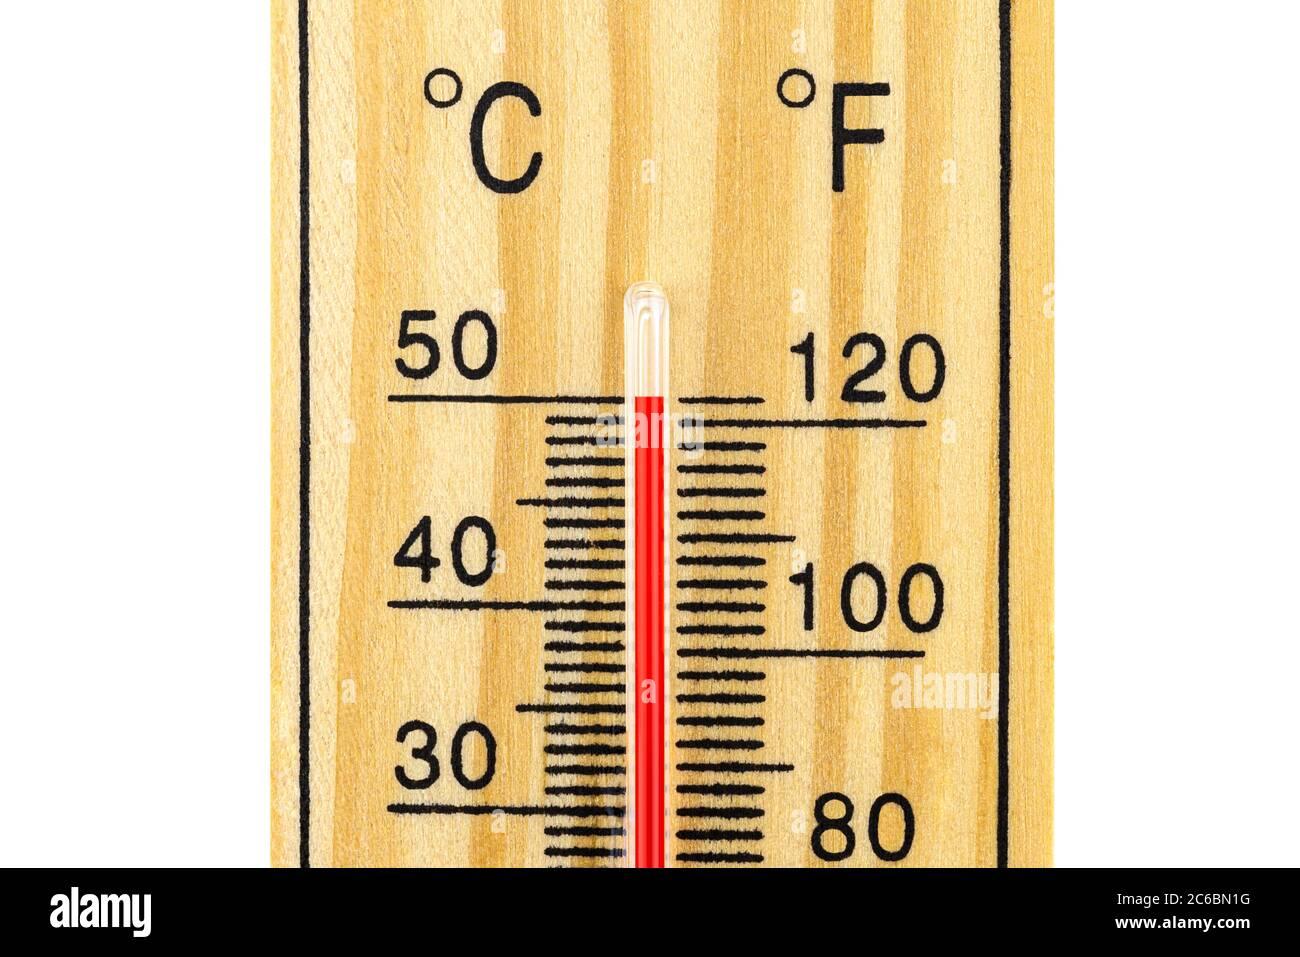 Eine Makroaufnahme eines klassischen Holzthermometers, das eine ...